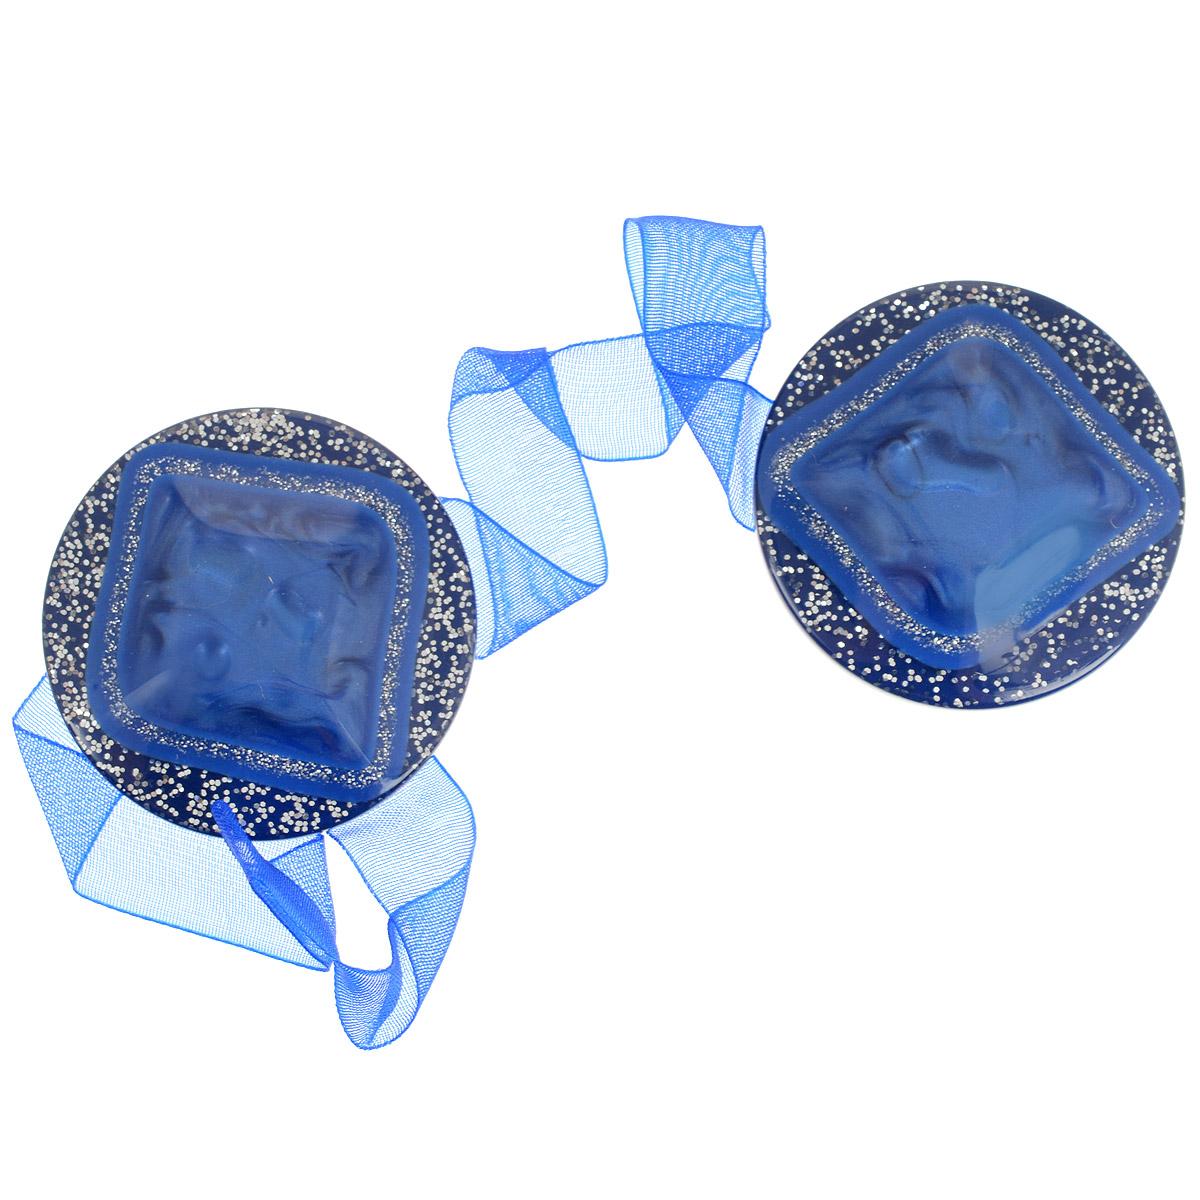 Клипса-магнит для штор Calamita Fiore, цвет: яркий василек. 7704019_7927704019_792Клипса-магнит Calamita Fiore, изготовленная из пластика и текстиля, предназначена для придания формы шторам. Изделие, декорированное блестками, представляет собой два магнита круглой формы, расположенных на разных концах текстильной ленты. С помощью такой магнитной клипсы можно зафиксировать портьеры, придать им требуемое положение, сделать складки симметричными или приблизить портьеры, скрепить их. Клипсы для штор являются универсальным изделием, которое превосходно подойдет как для штор в детской комнате, так и для штор в гостиной. Следует отметить, что клипсы для штор выполняют не только практическую функцию, но также являются одной из основных деталей декора этого изделия, которая придает шторам восхитительный, стильный внешний вид.Диаметр клипсы: 4 см.Длина ленты: 28 см.